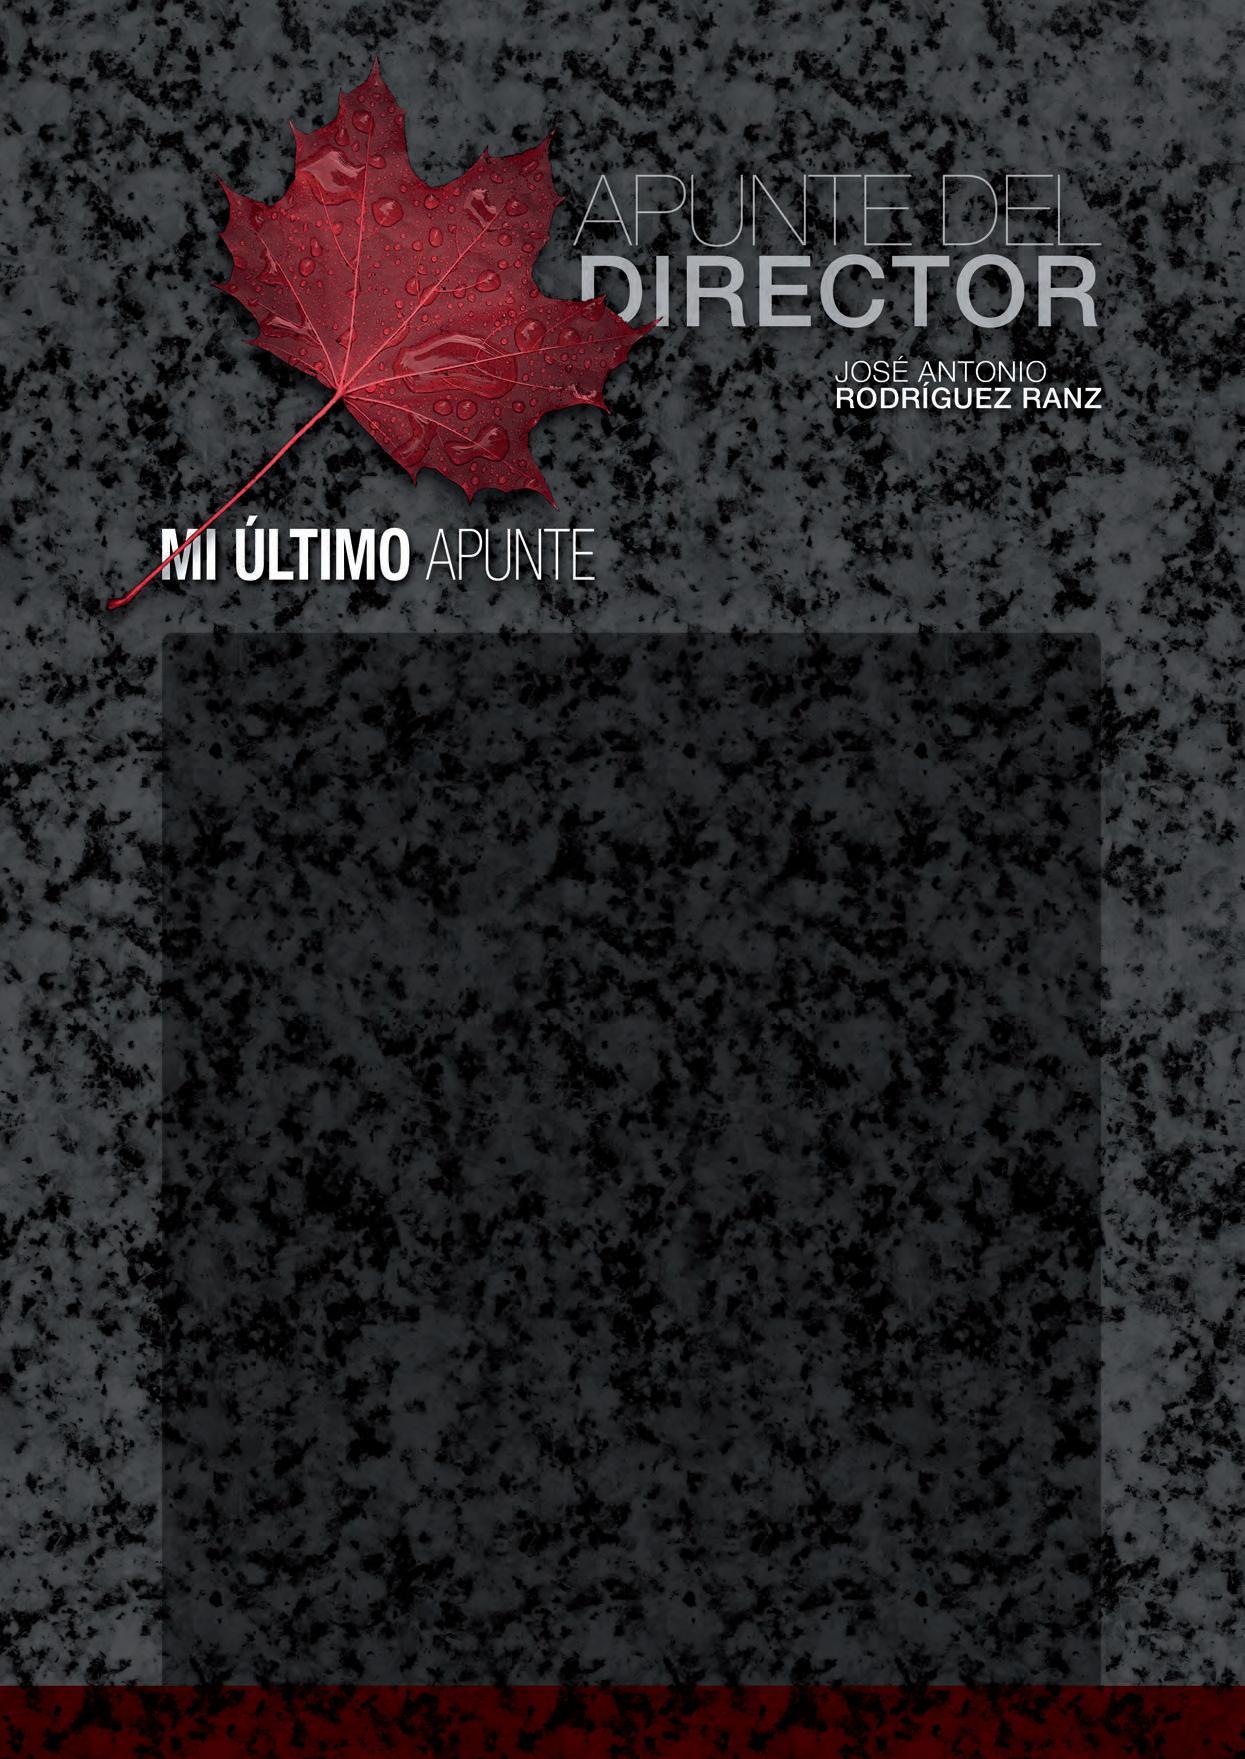 Page 54 of APUNTE DEL DIRECTOR